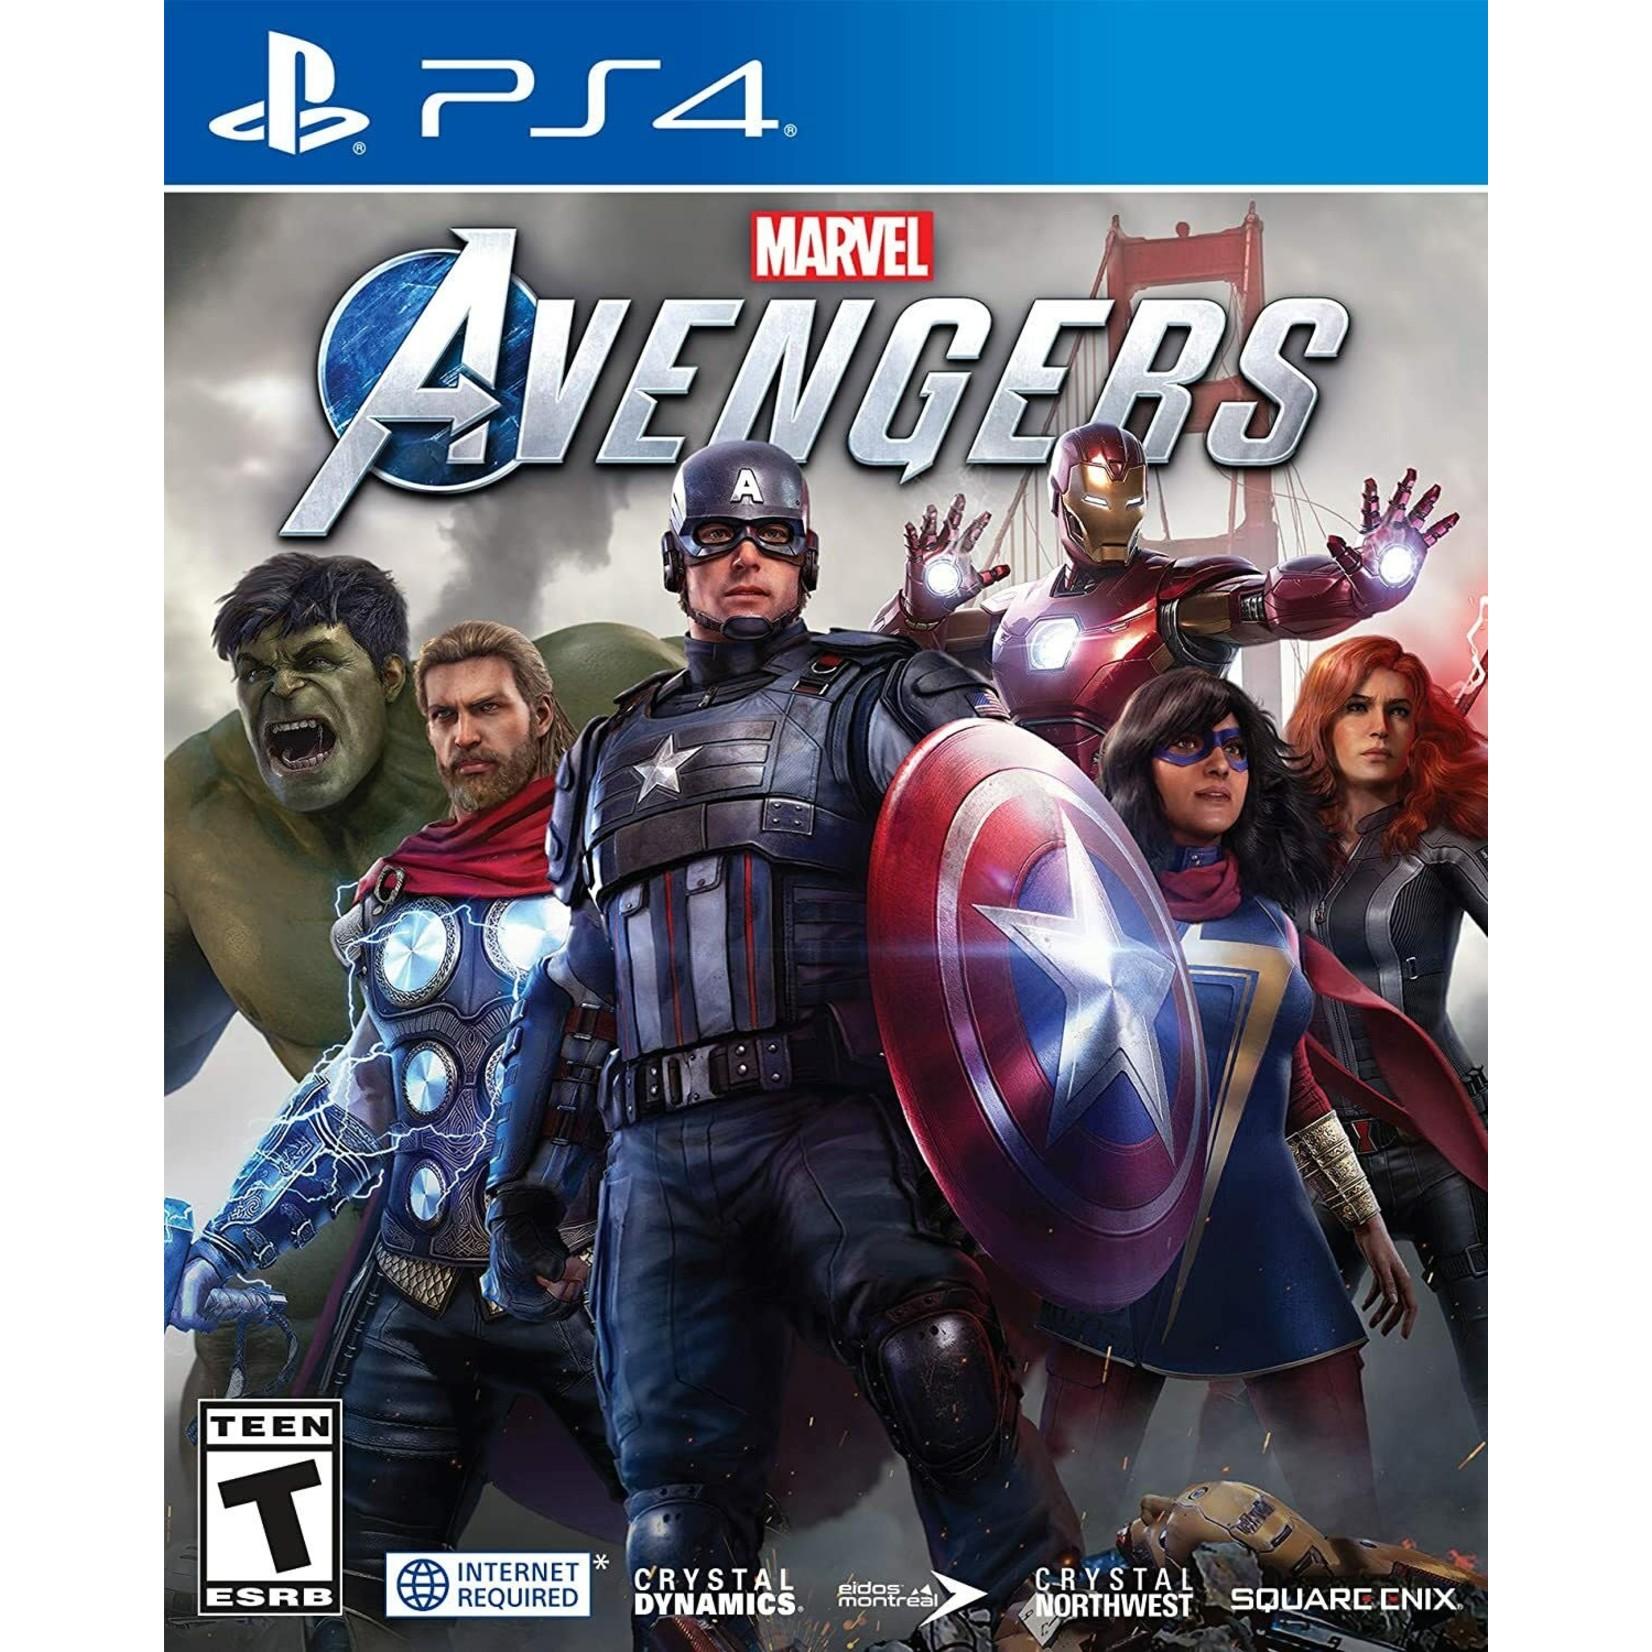 PS4-Marvel's Avengers